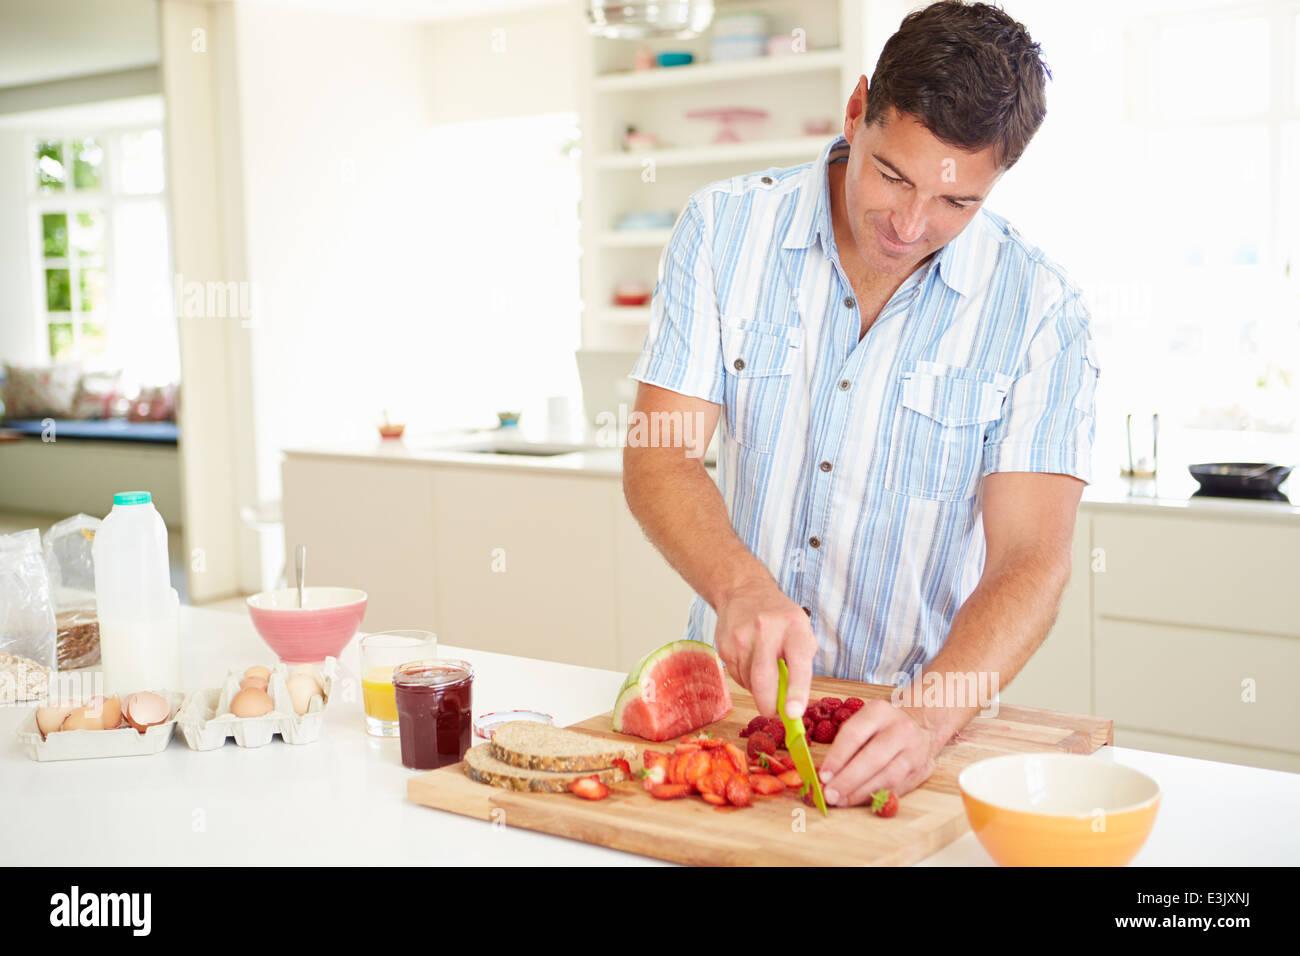 El hombre prepara desayuno saludable en la cocina Imagen De Stock